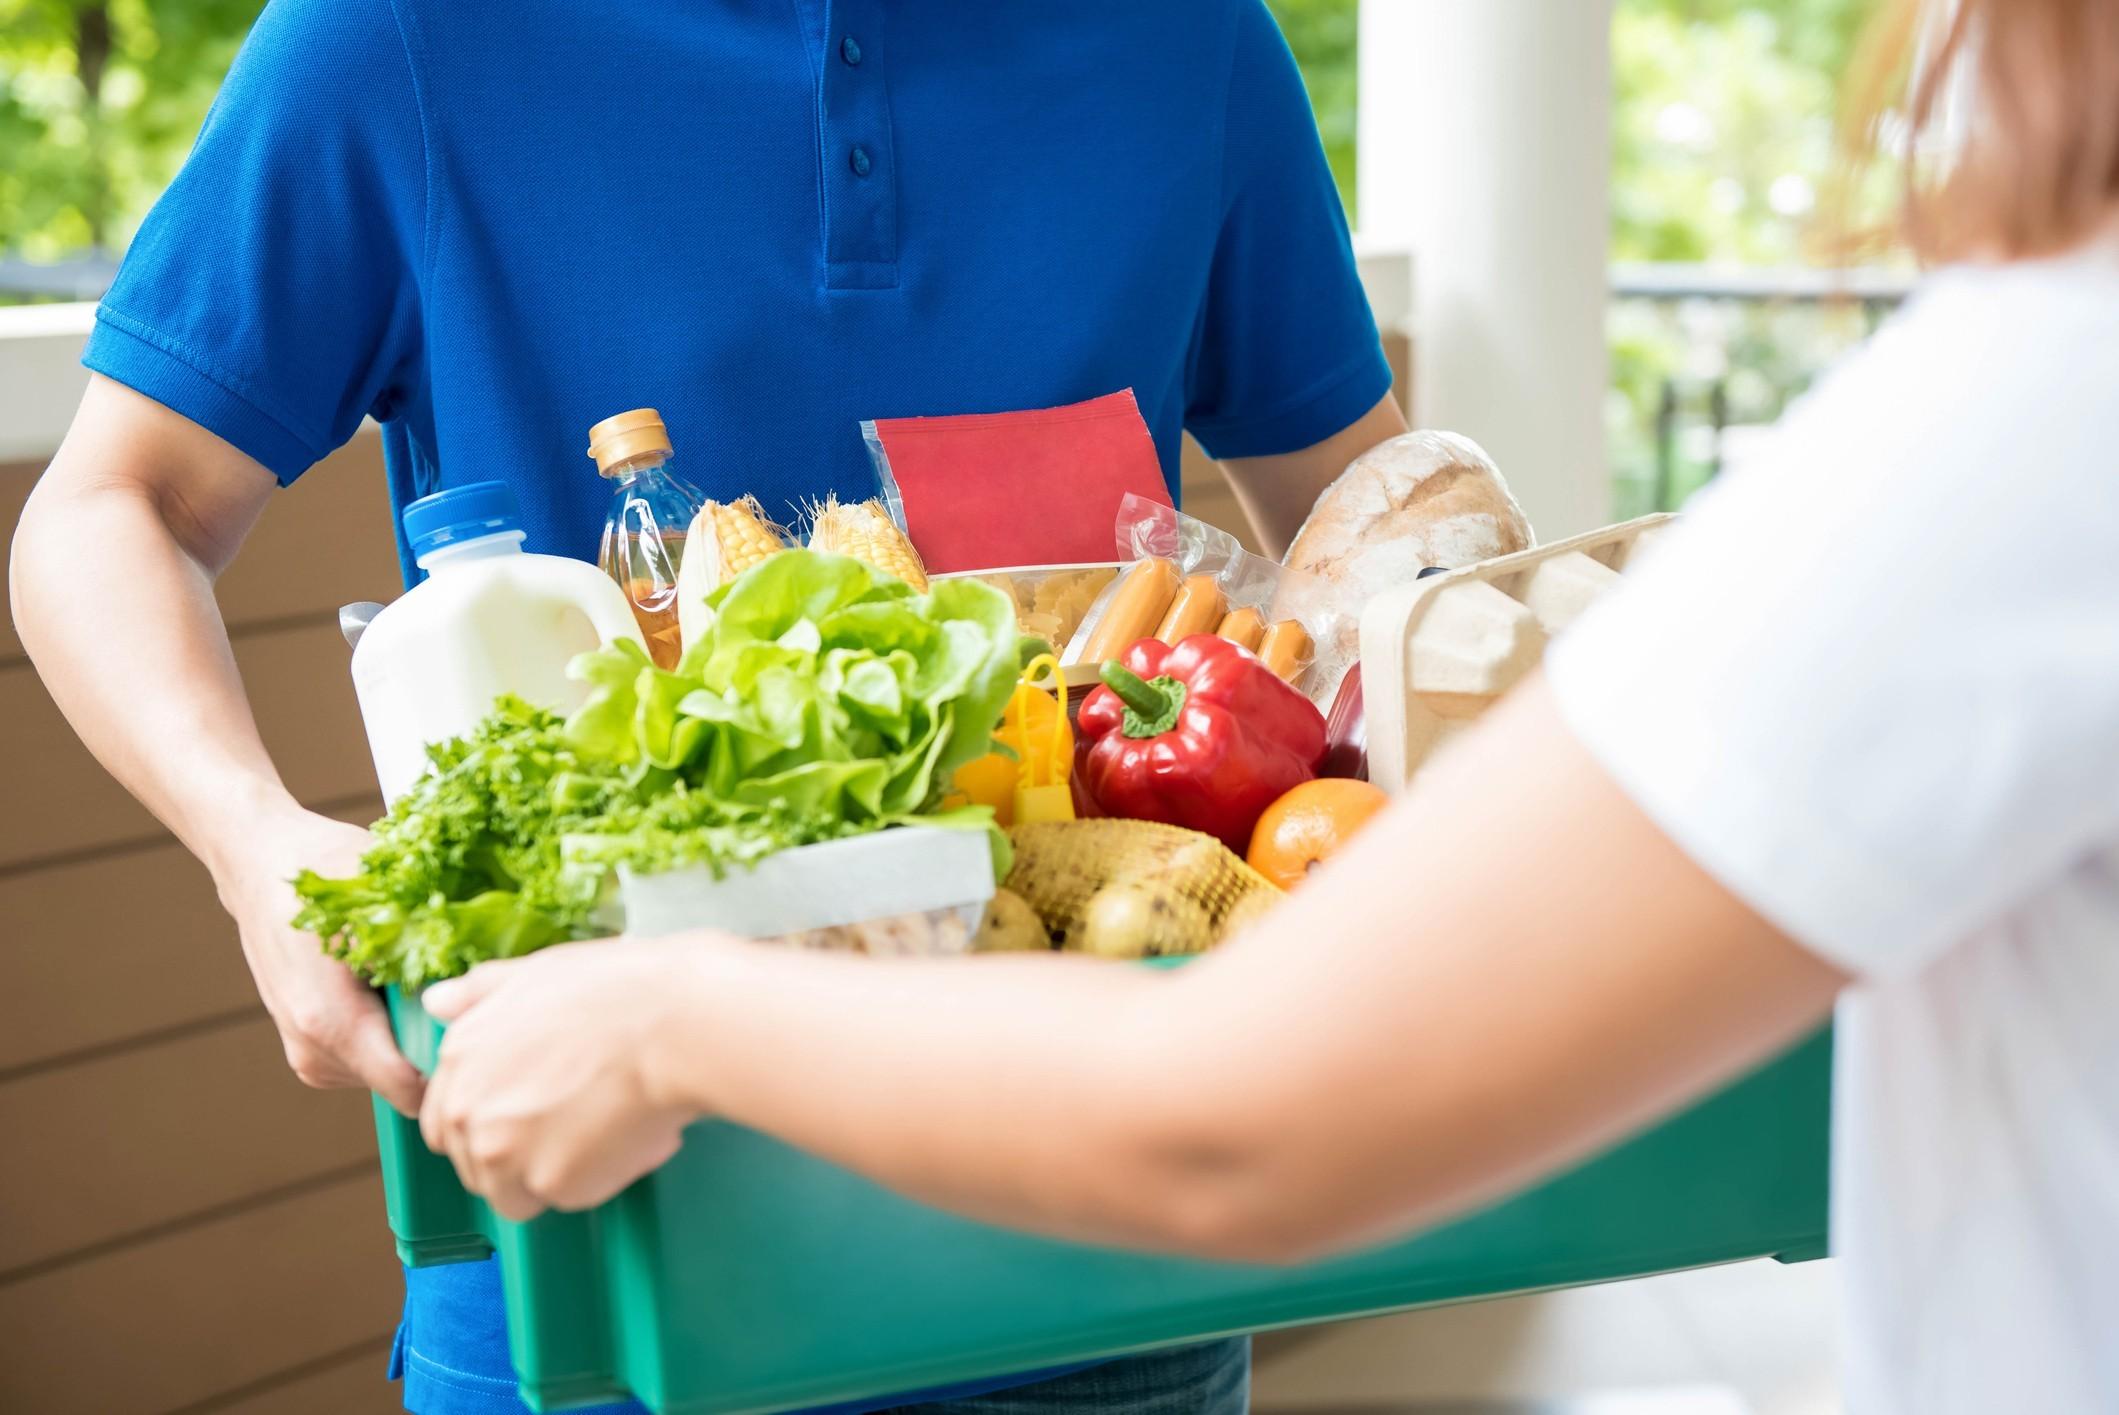 В чем популярность услуги доставки продуктов на дом